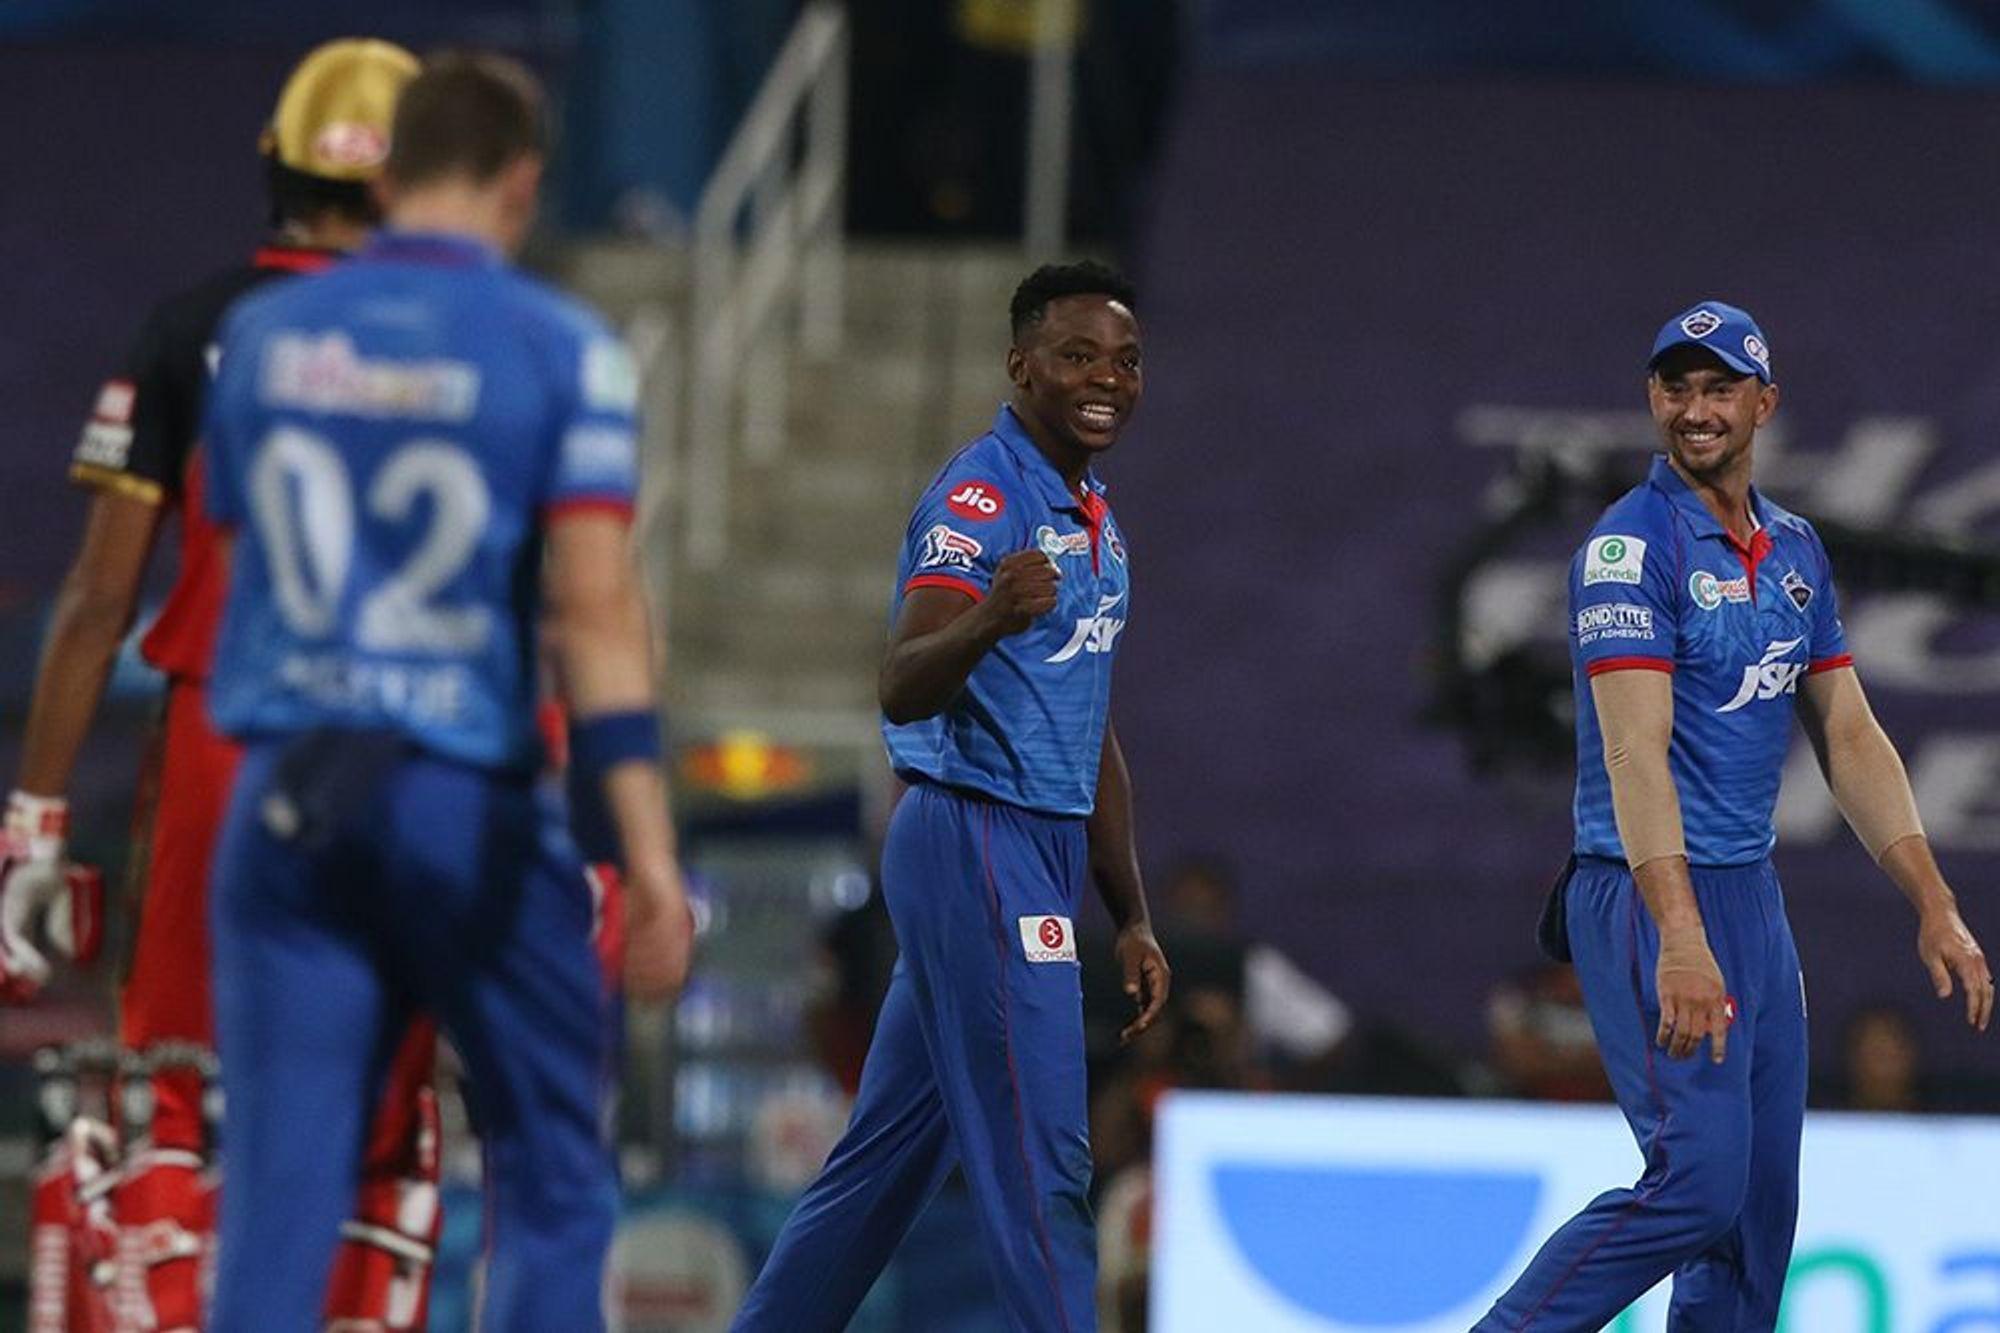 RCBvsDC: आईपीएल 2020 के 55वें मैच के बाद इन खिलाड़ियों के पास है ऑरेंज कैप और पर्पल कैप 3